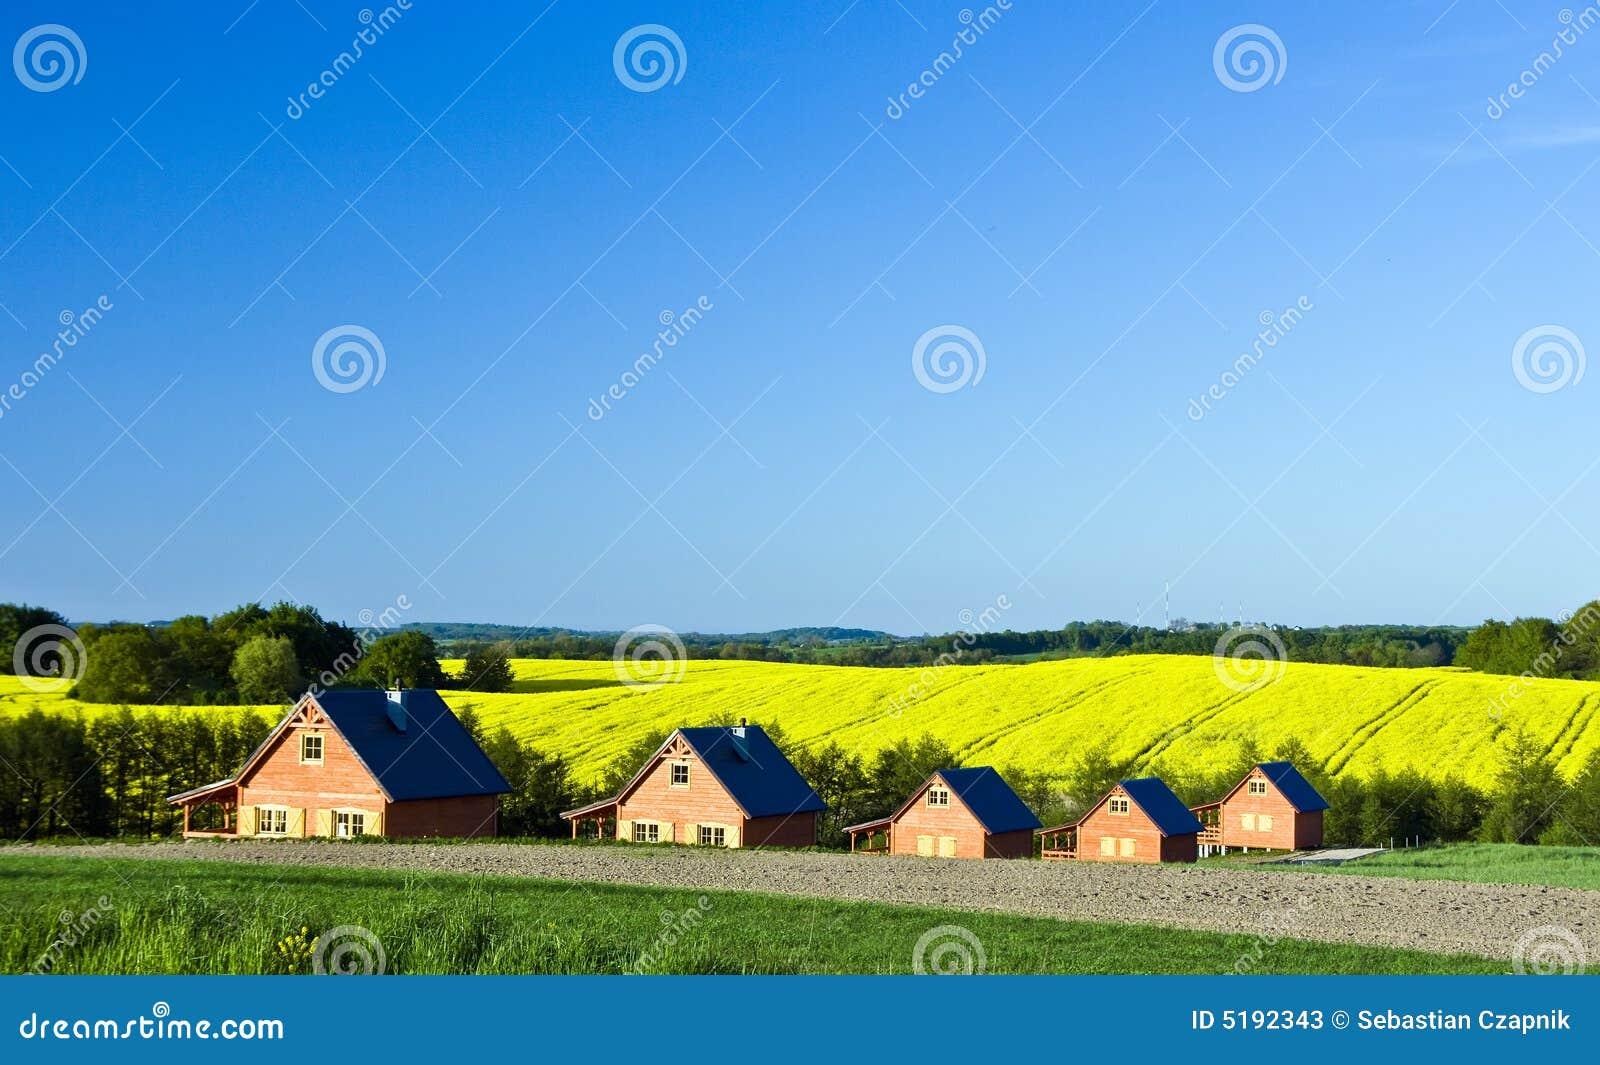 Paesaggio delle case di campagna fotografie stock for Piccole case di campagna